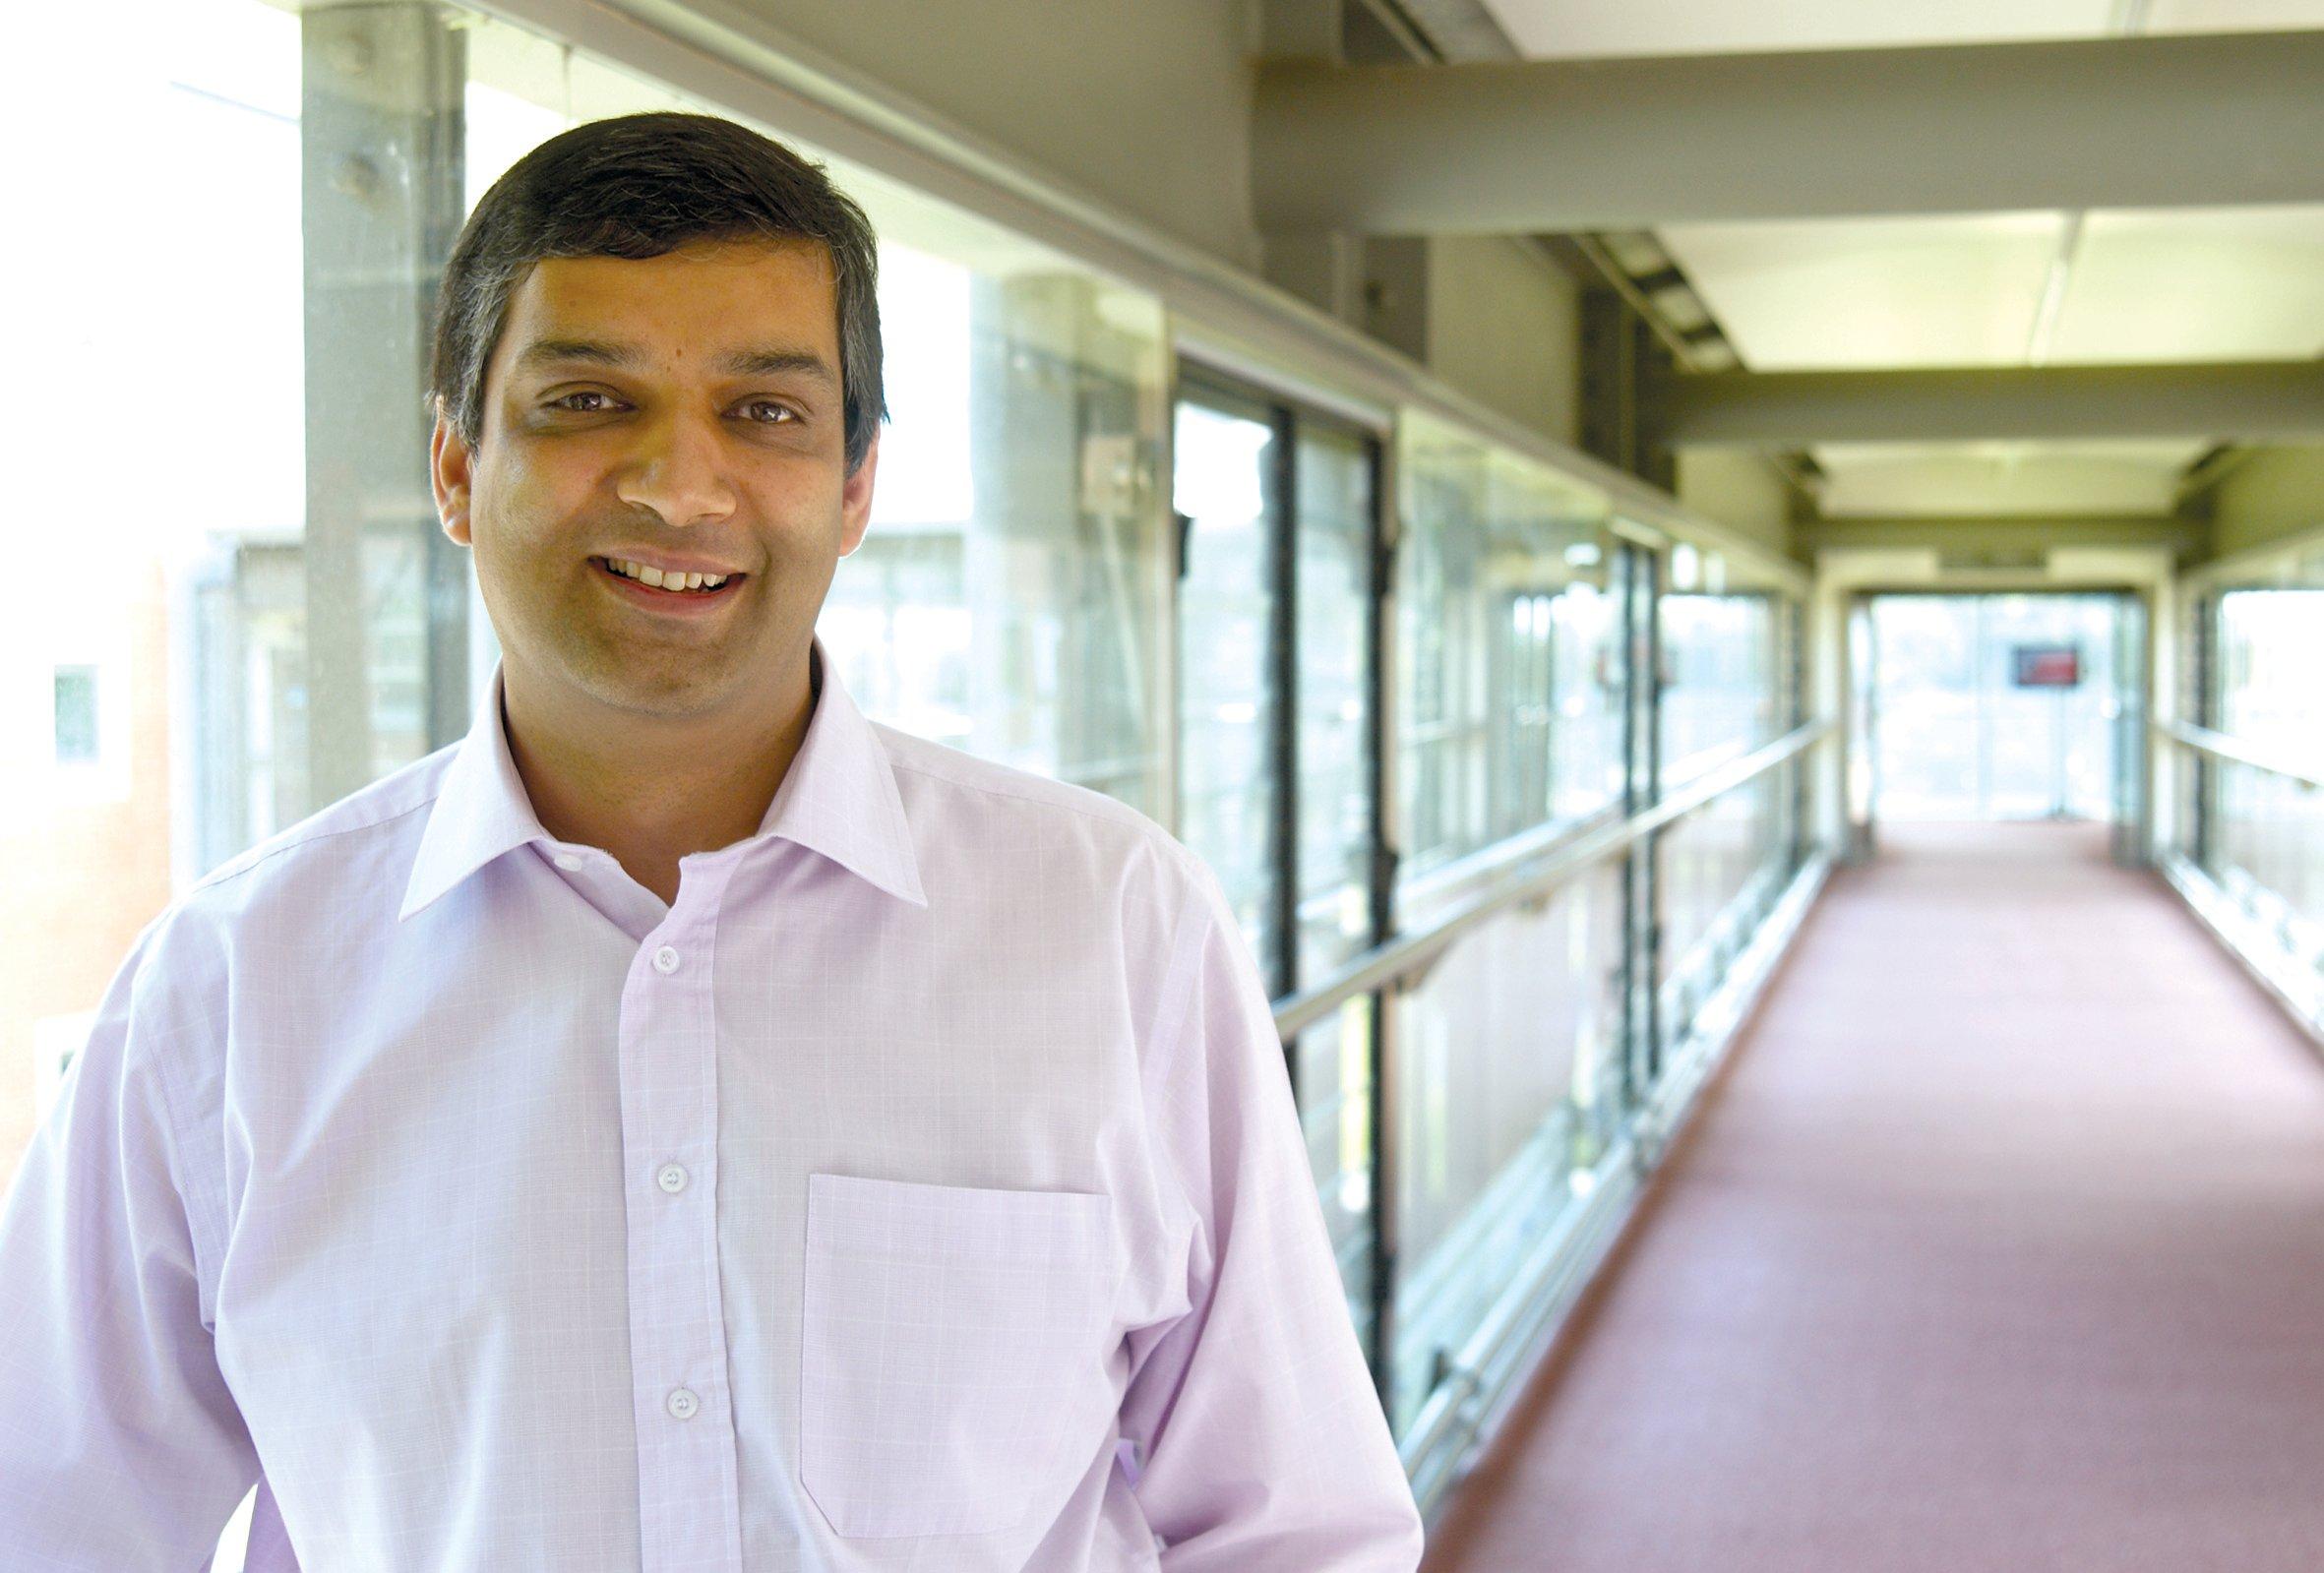 Rashik Parmar, keynote speaker of DSN 2013